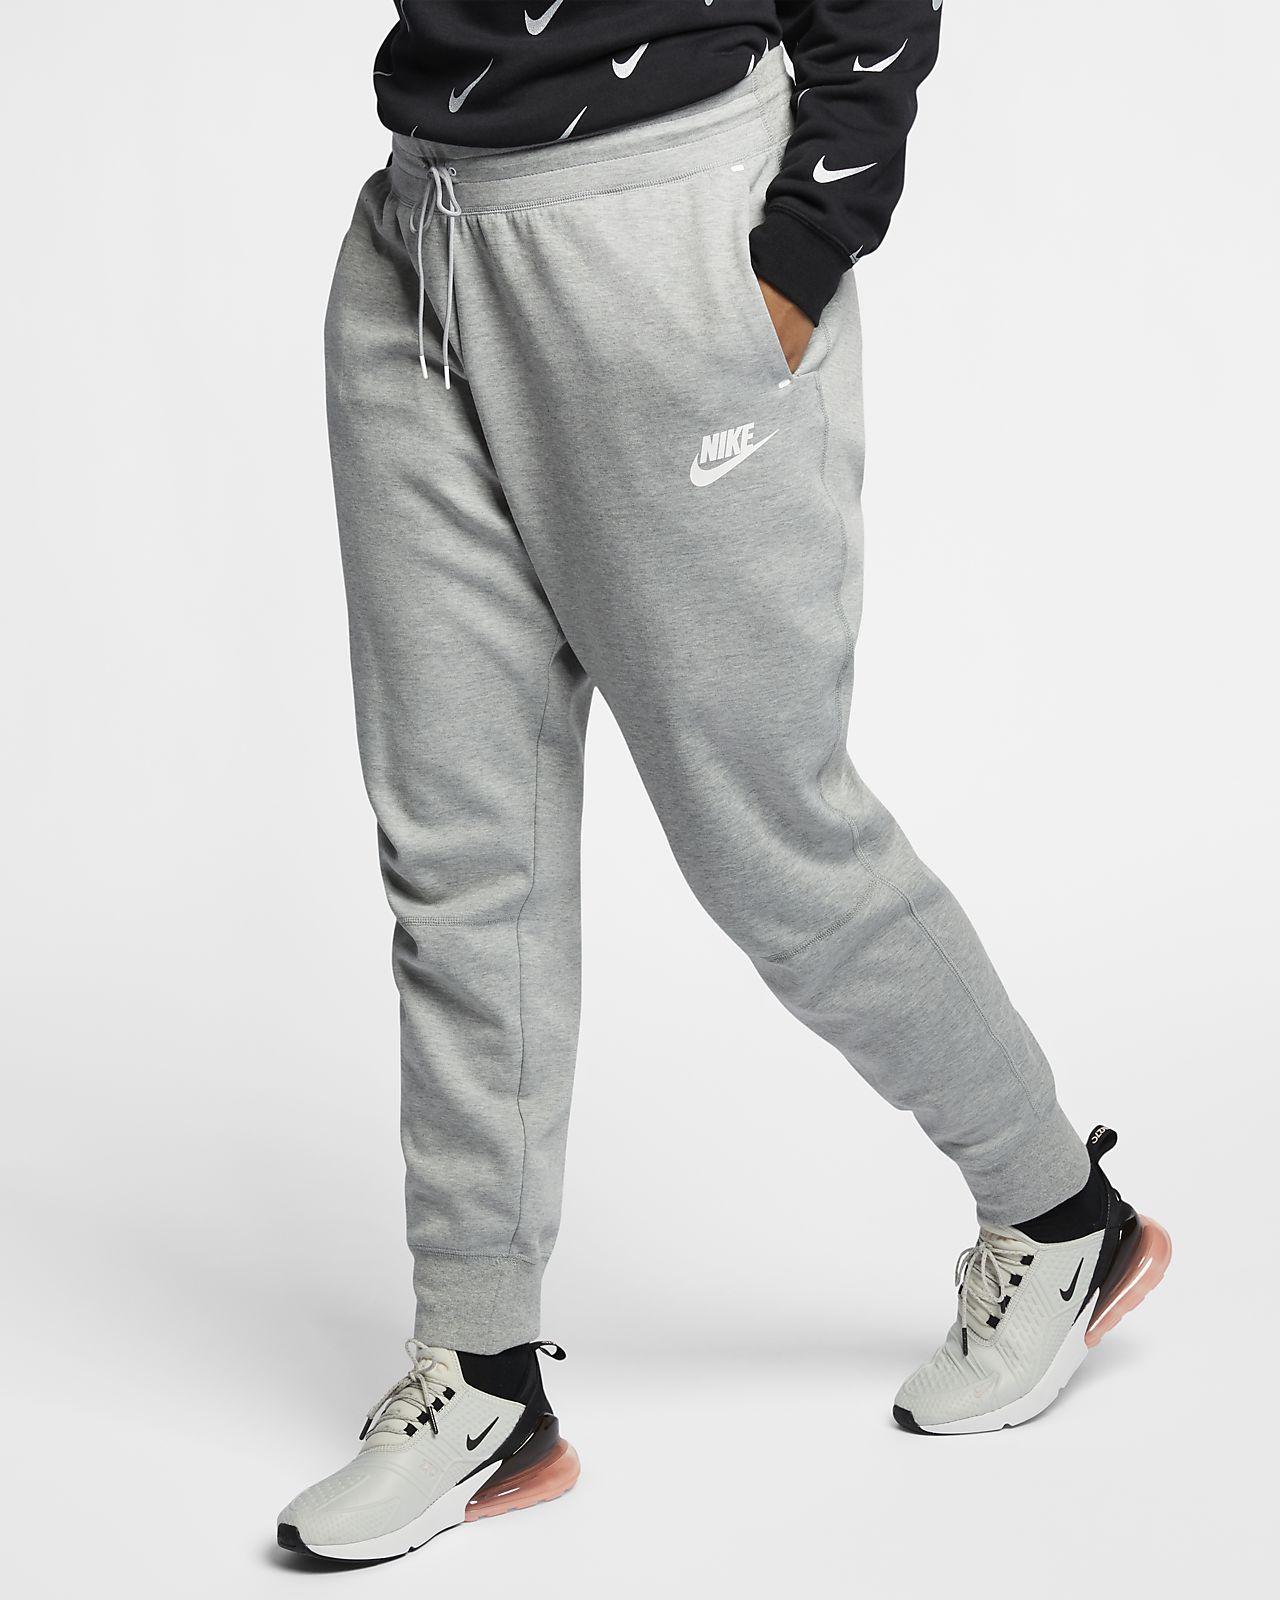 pantaloni nike about you